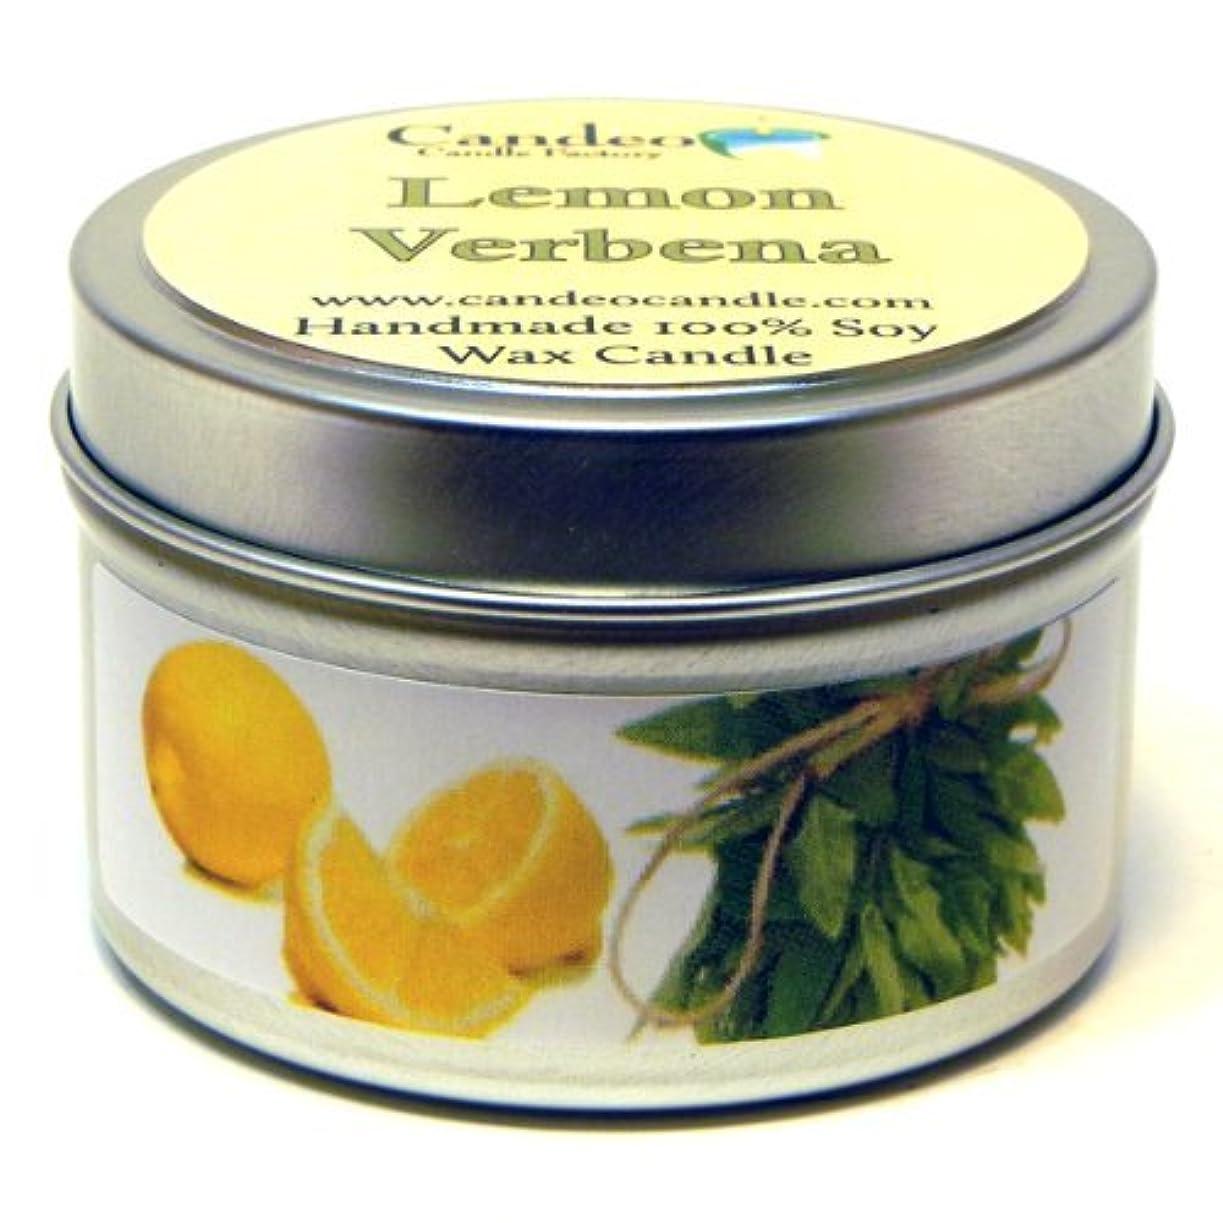 のぞき見代わって検出Lemon Verbena、スーパー香りつきSoy Candle Tin 4oz イエロー 5590